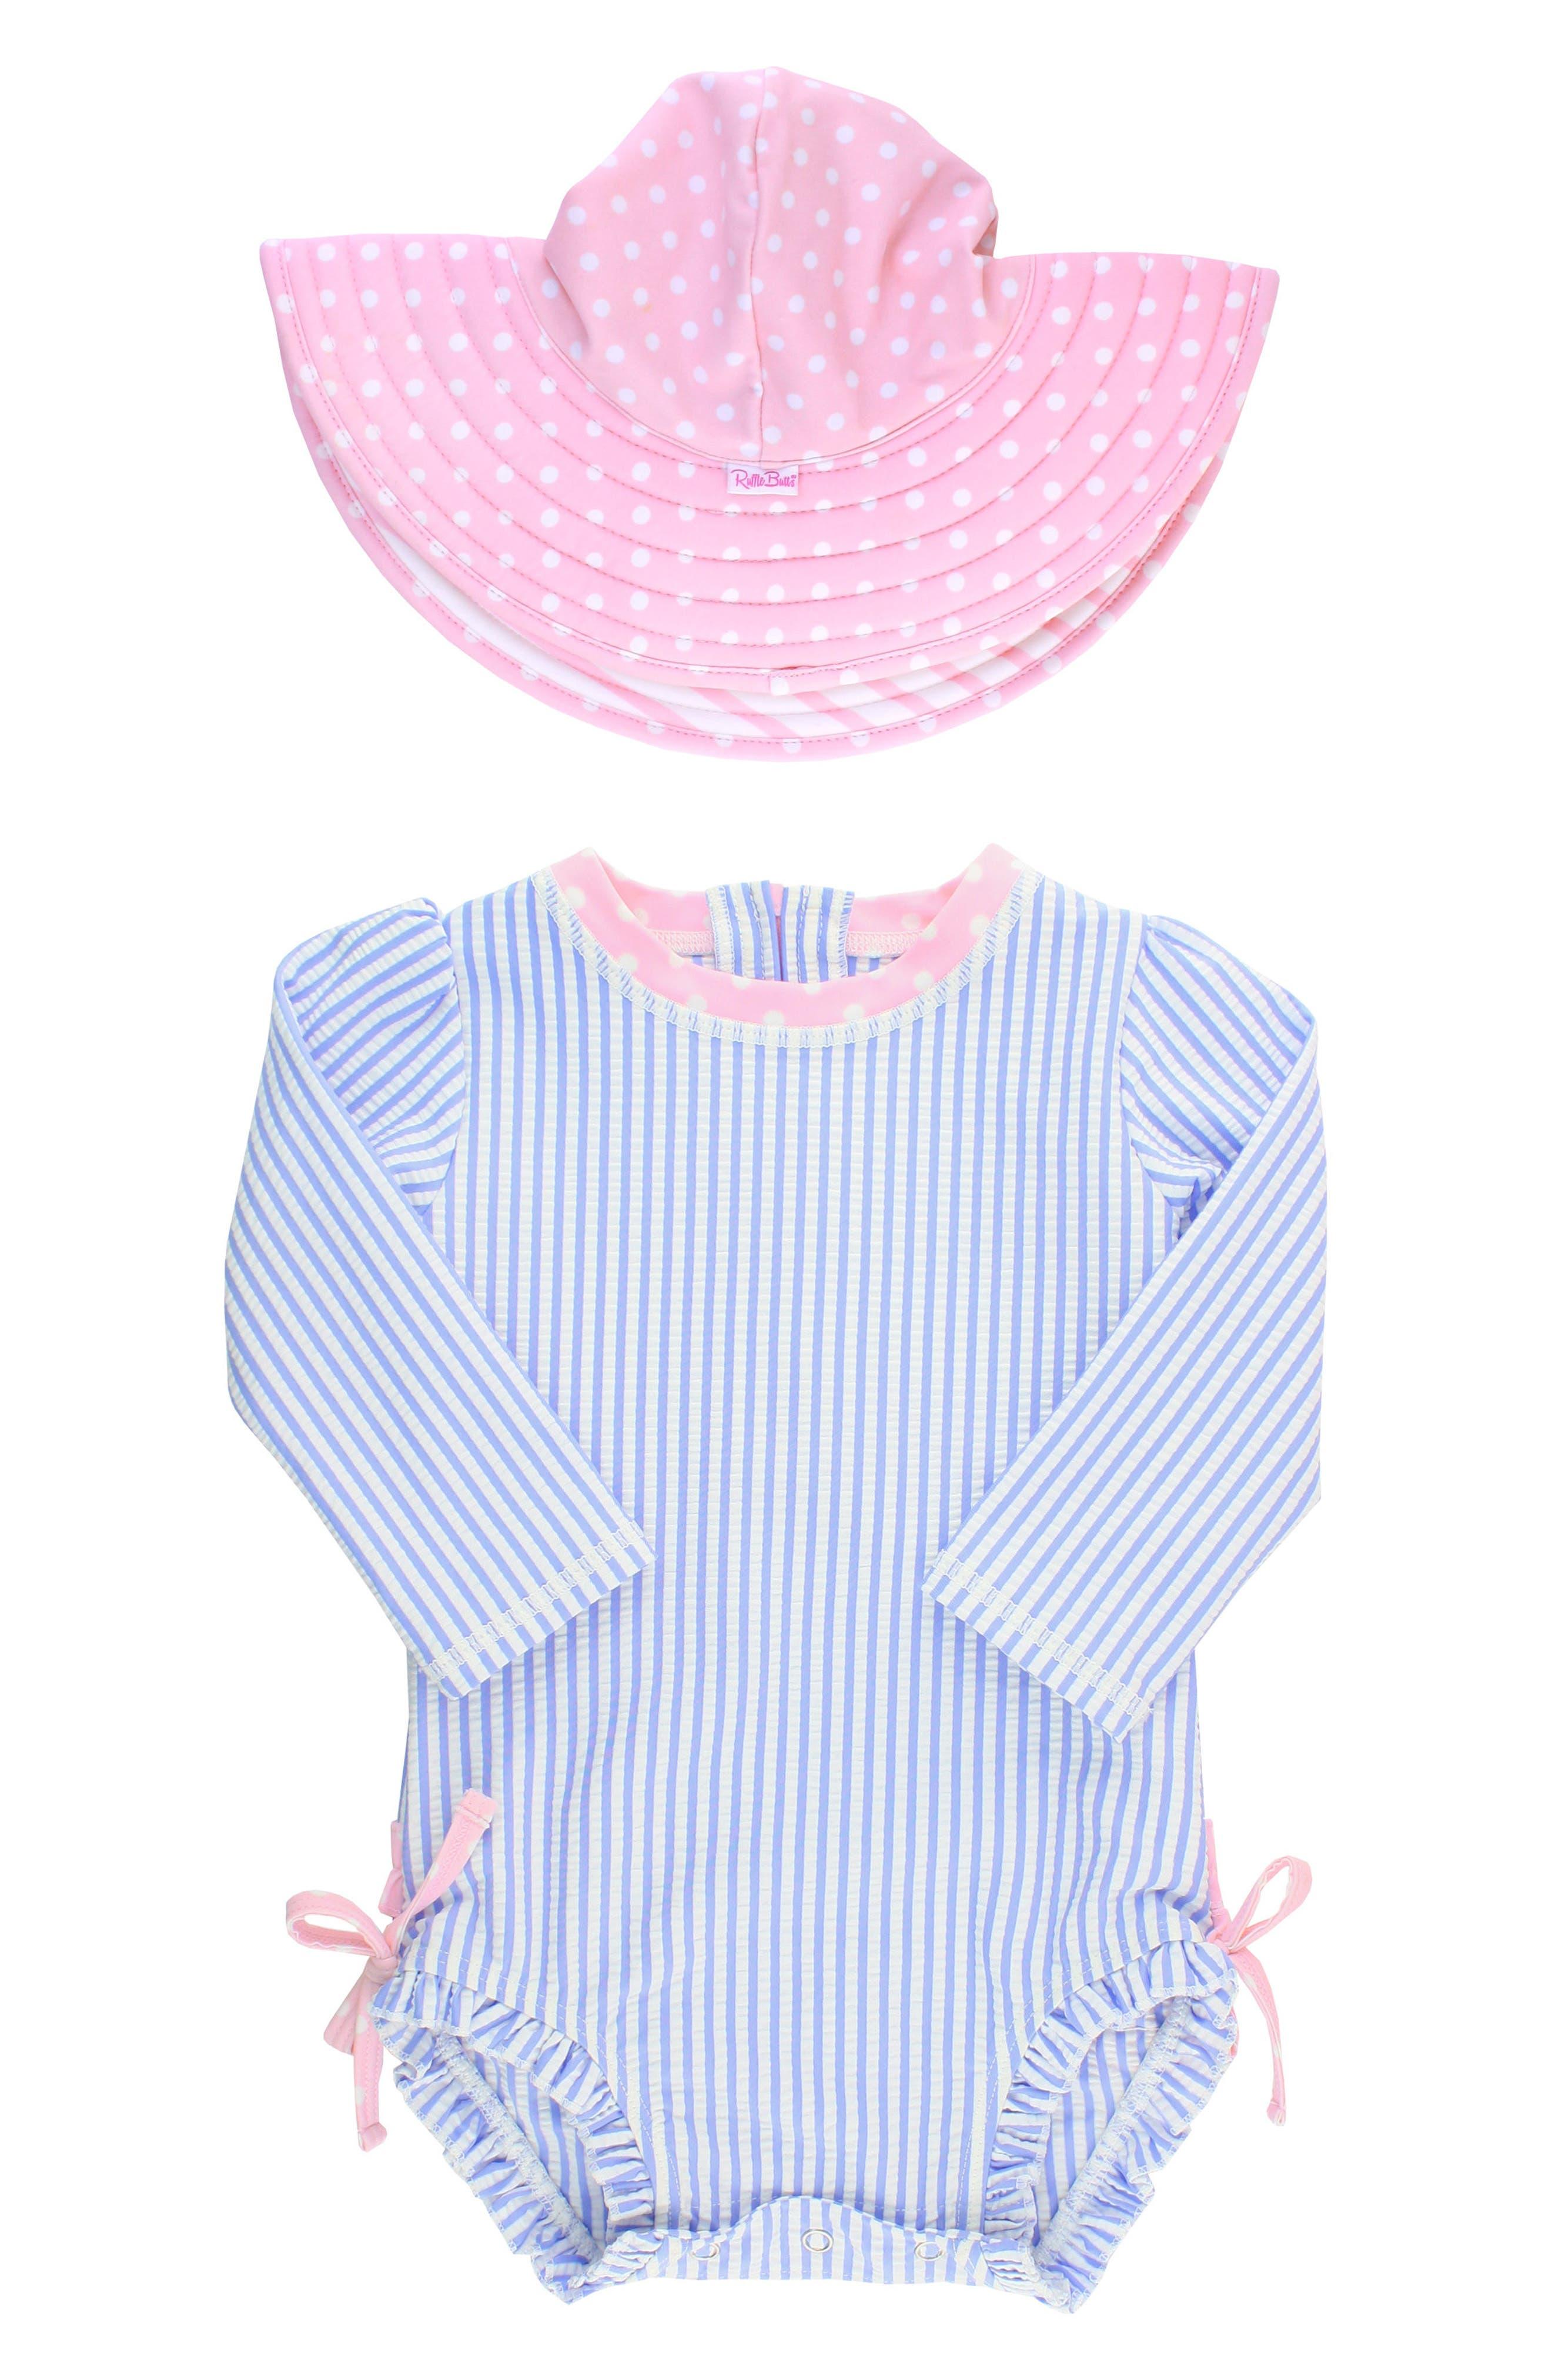 Seersucker One-Piece Rashguard Swimsuit & Hat Set,                             Main thumbnail 1, color,                             BLUE